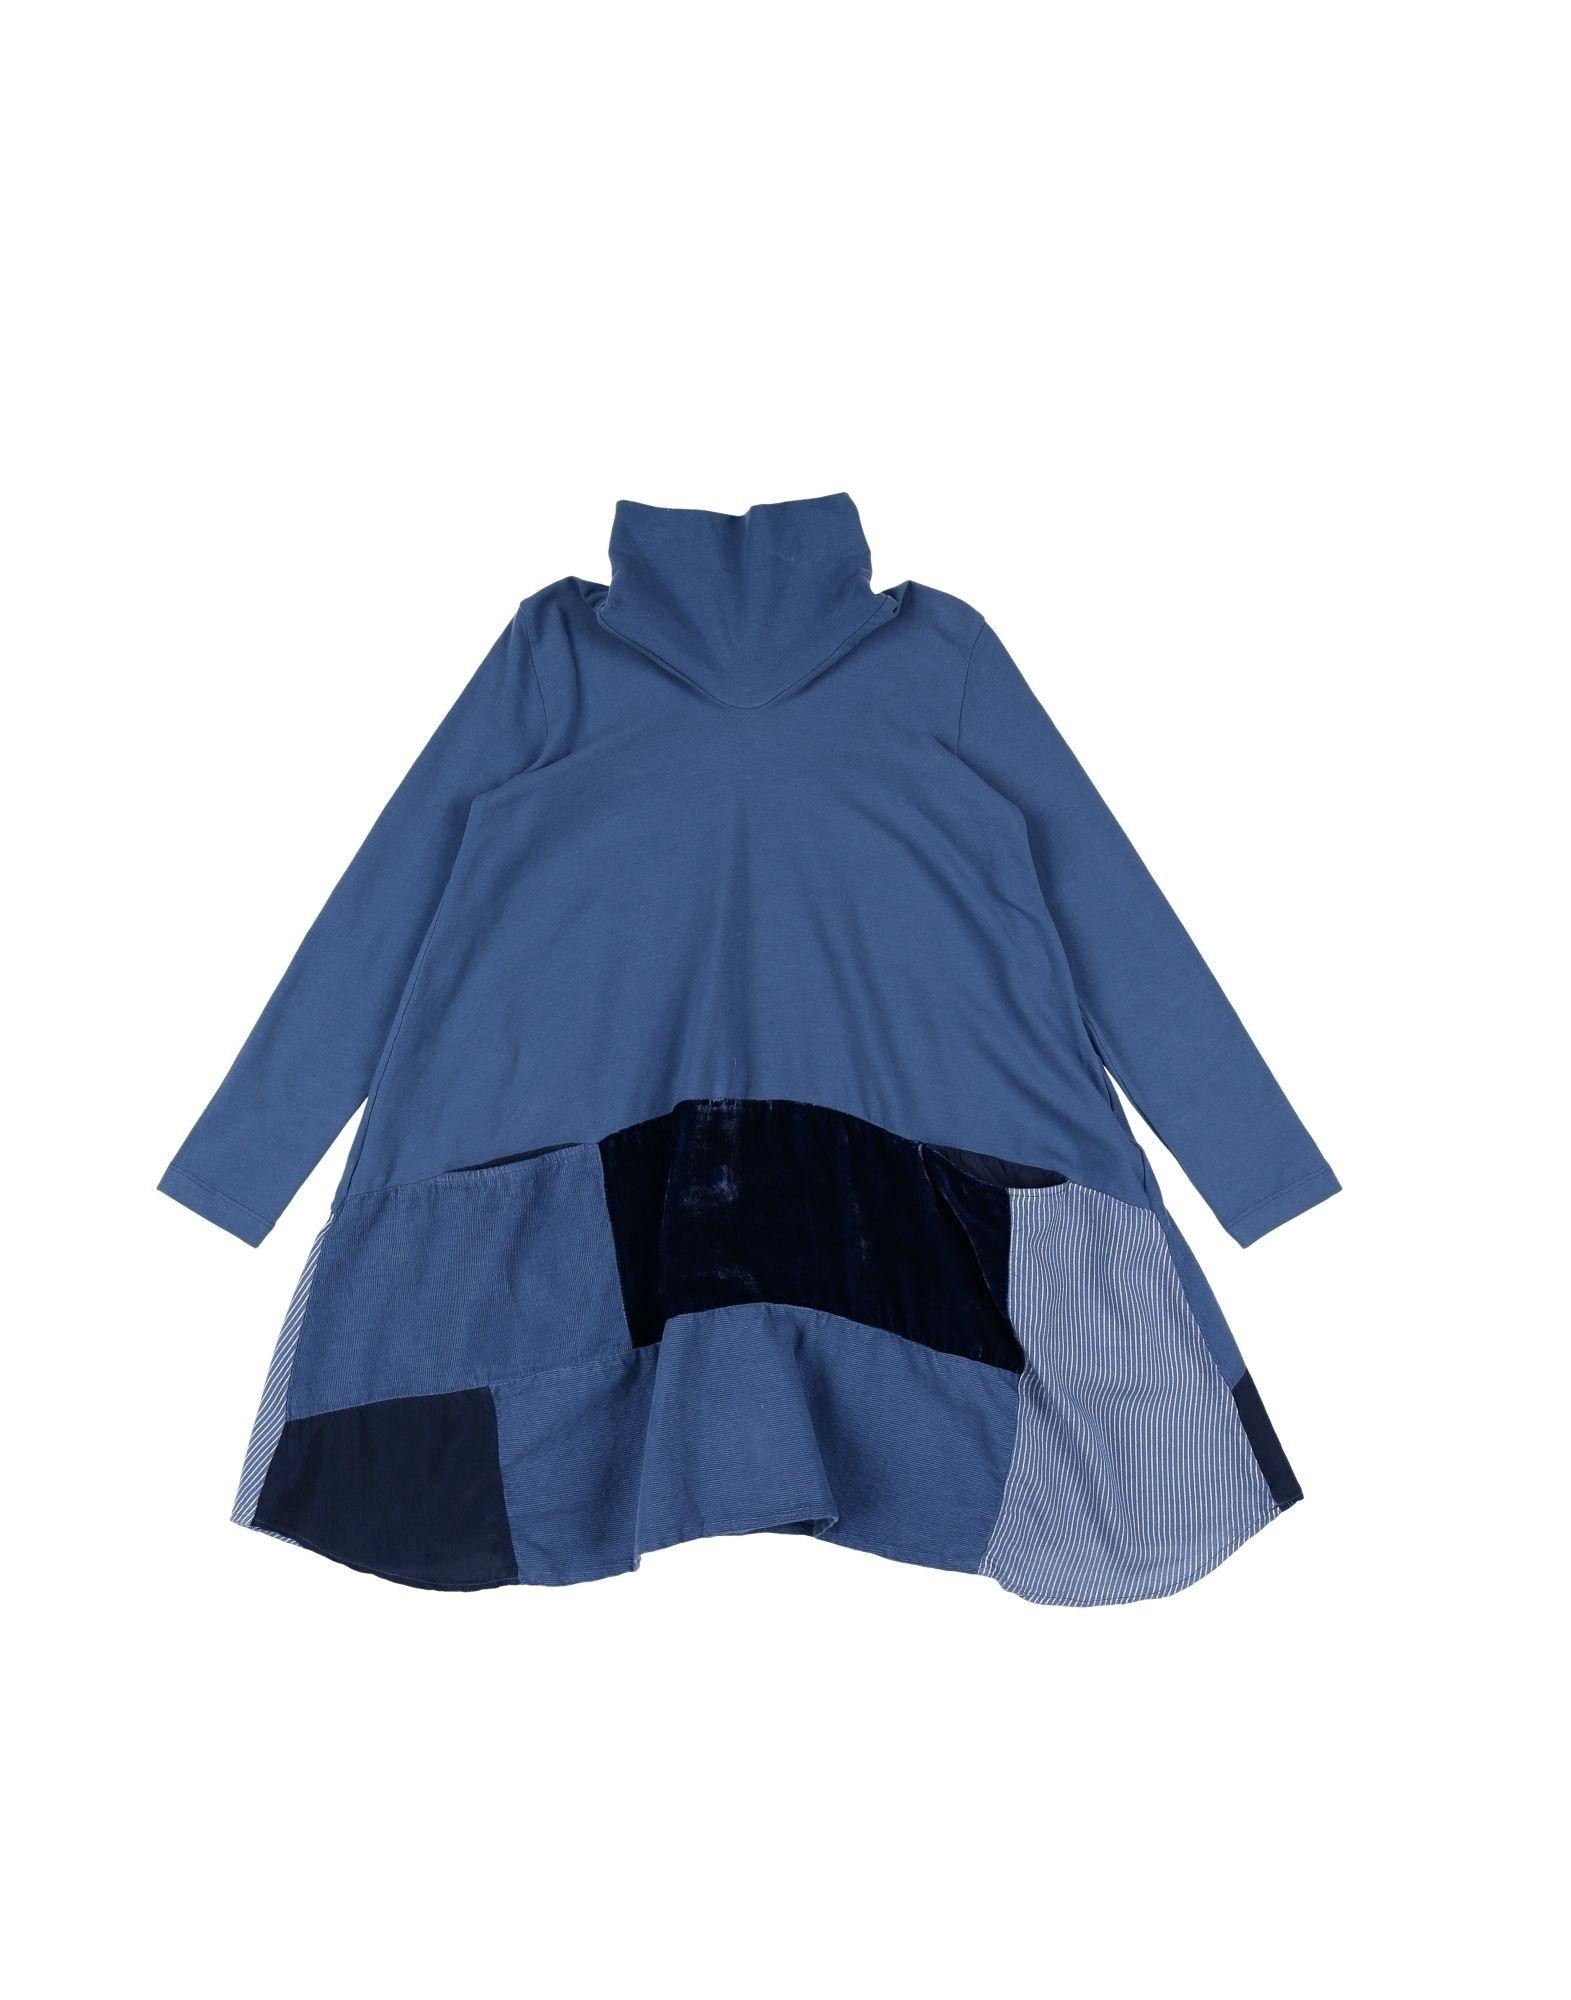 EUROPEAN CULTURE Mädchen 3-8 jahre Kleid Farbe Taubenblau Größe 4 - broschei